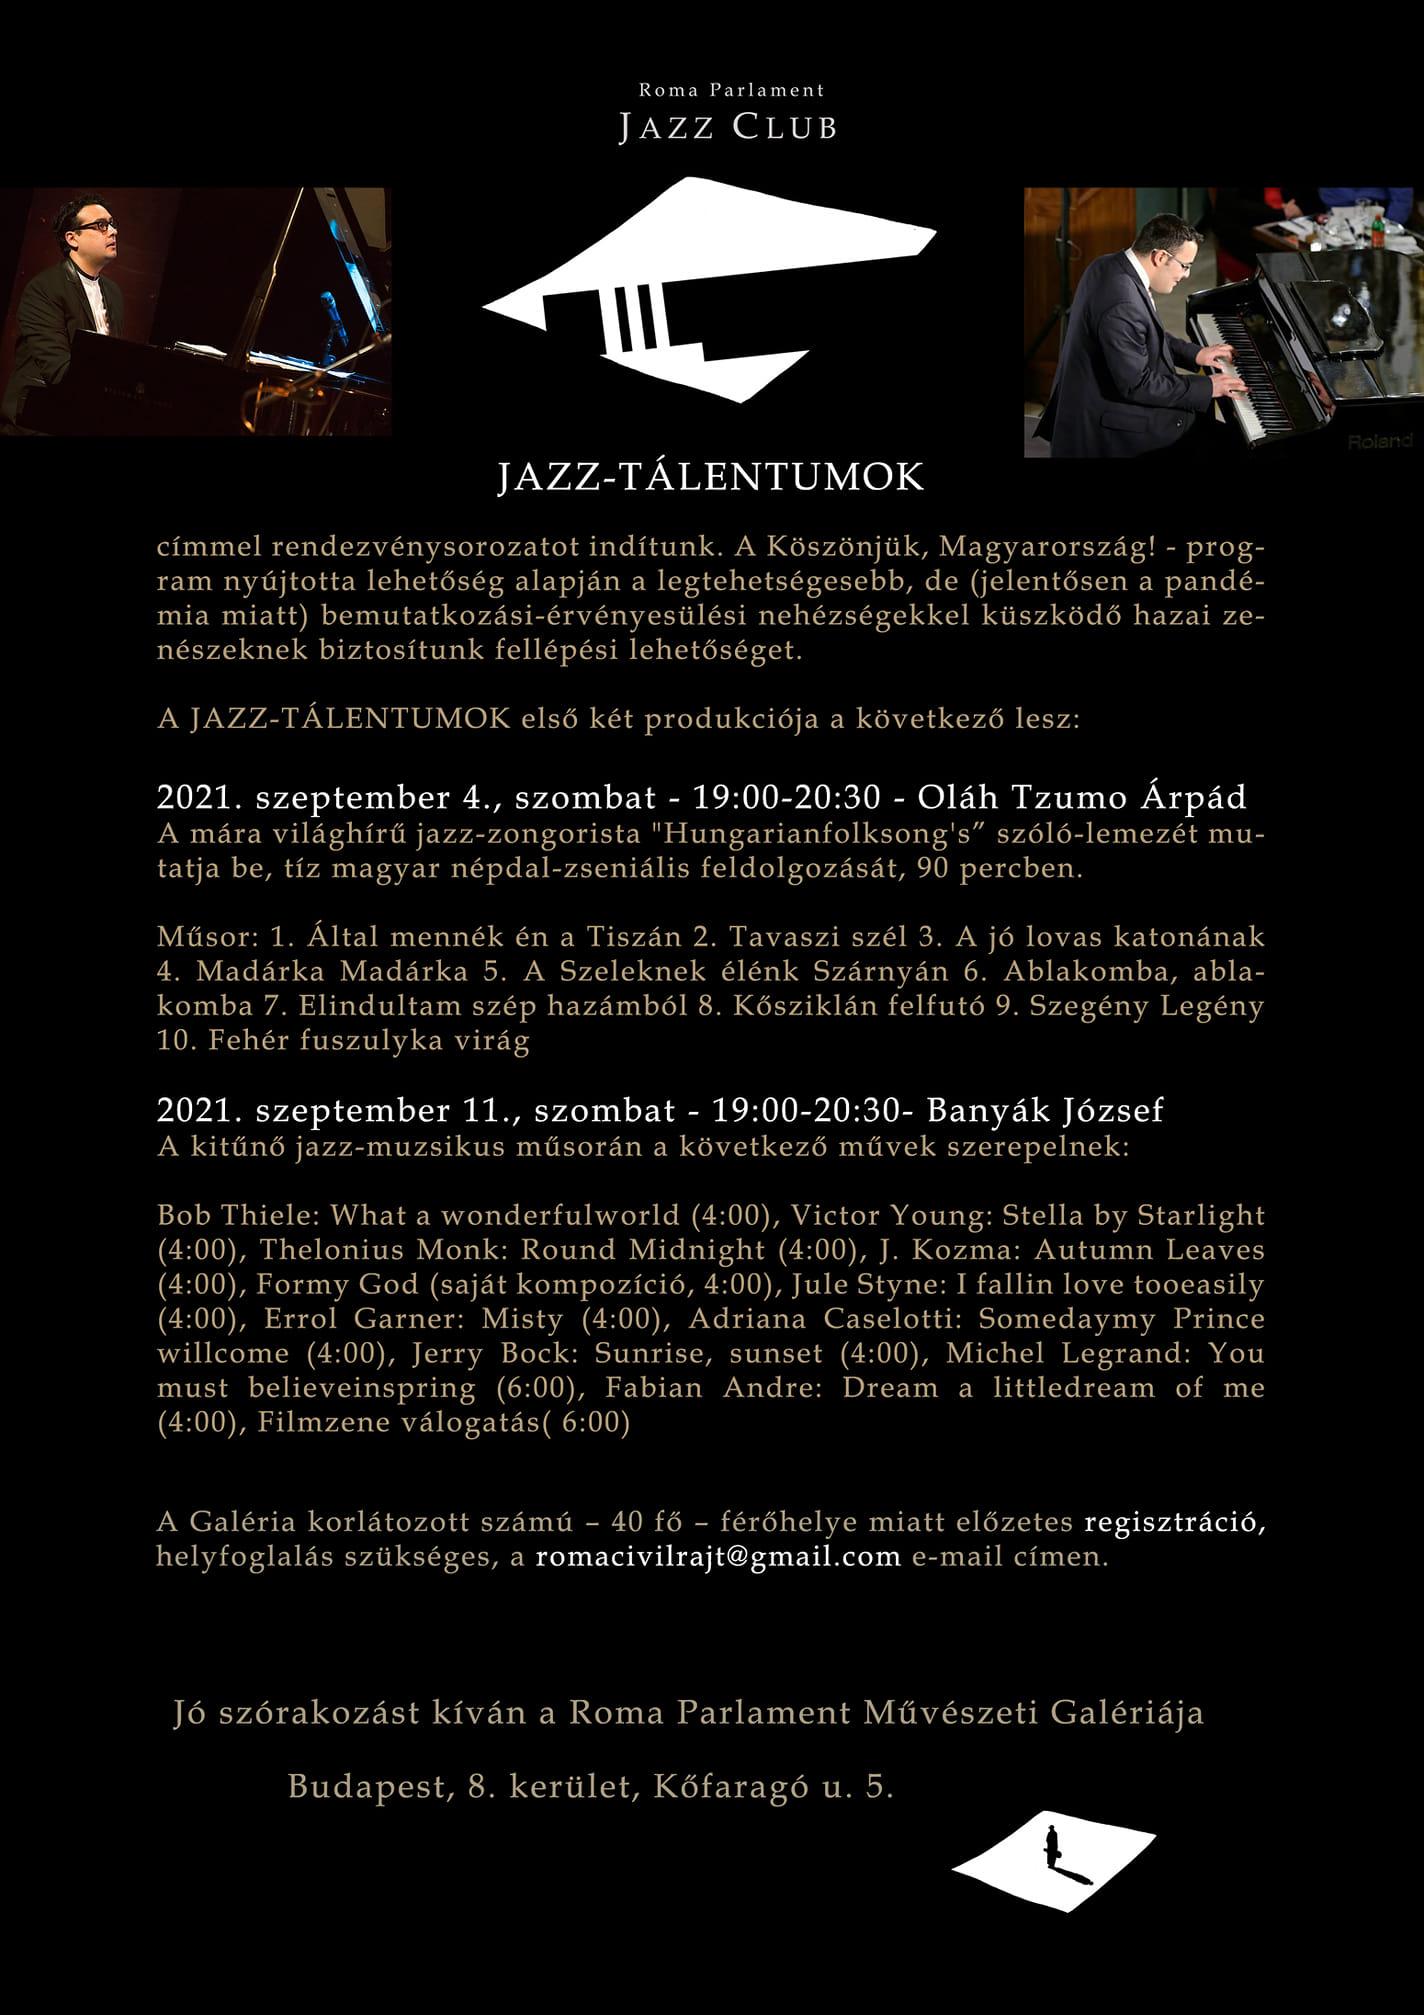 Roma Parlament művészeti galéria eseménye 1